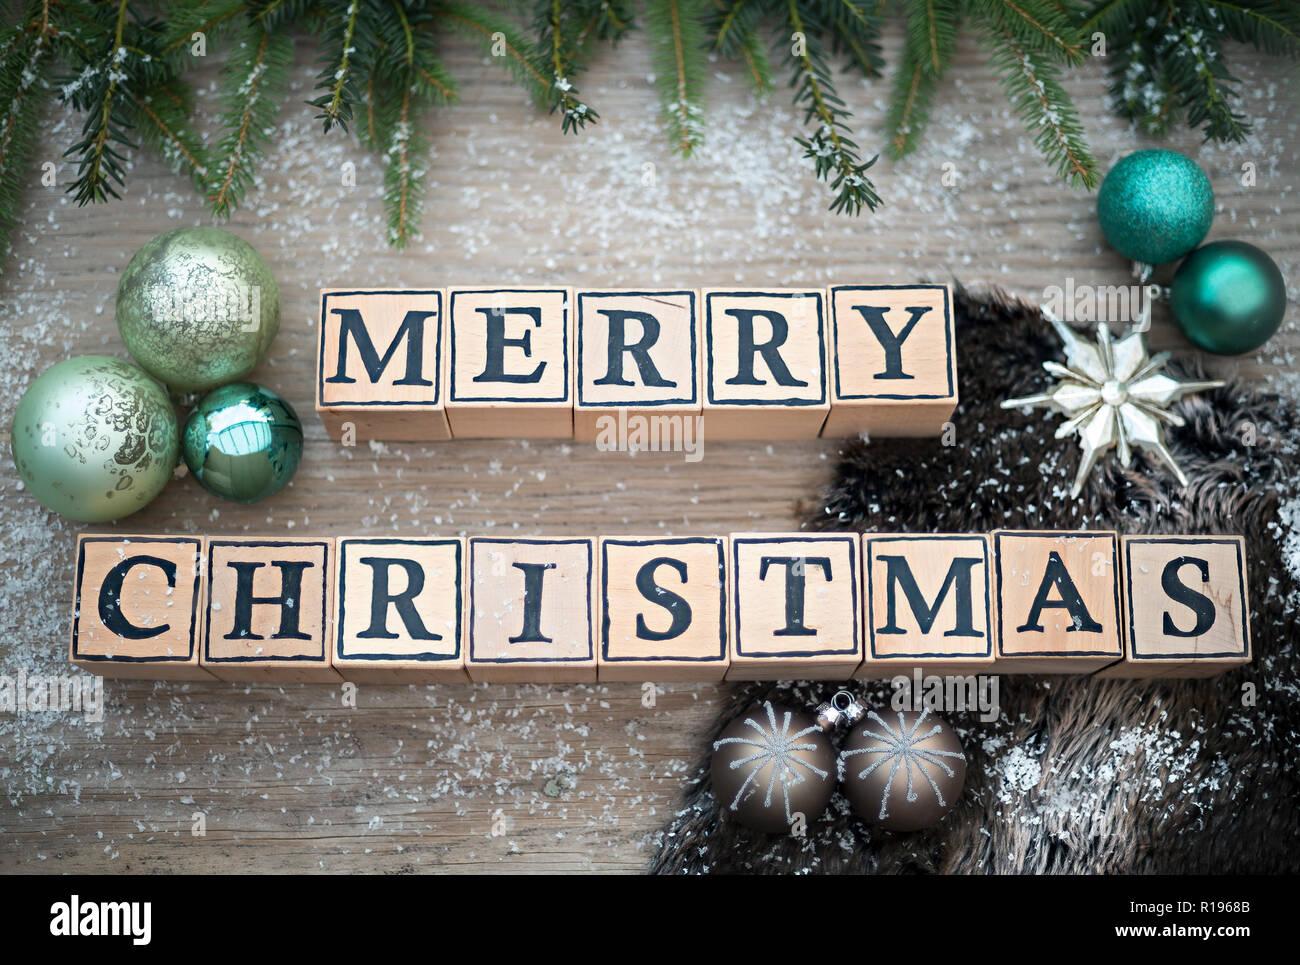 Lettera Di Auguri Di Natale In Inglese.Cubi Di Legno Con Lettere Formano Il Testo Inglese Buon Natale Essi